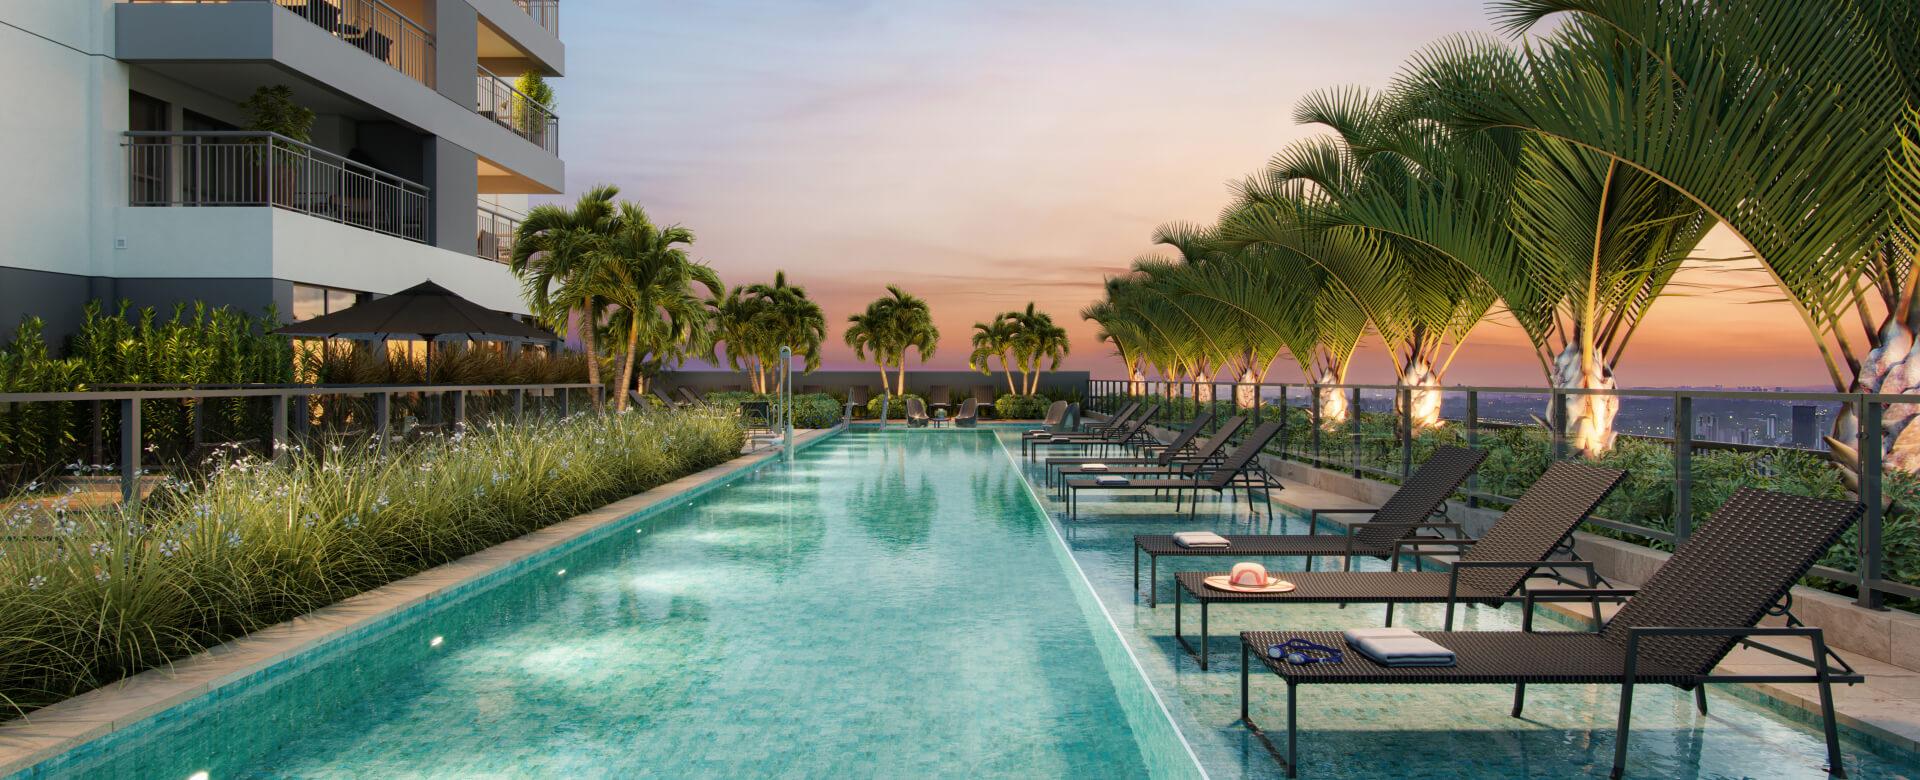 Dream View Sky Resort, foto 1